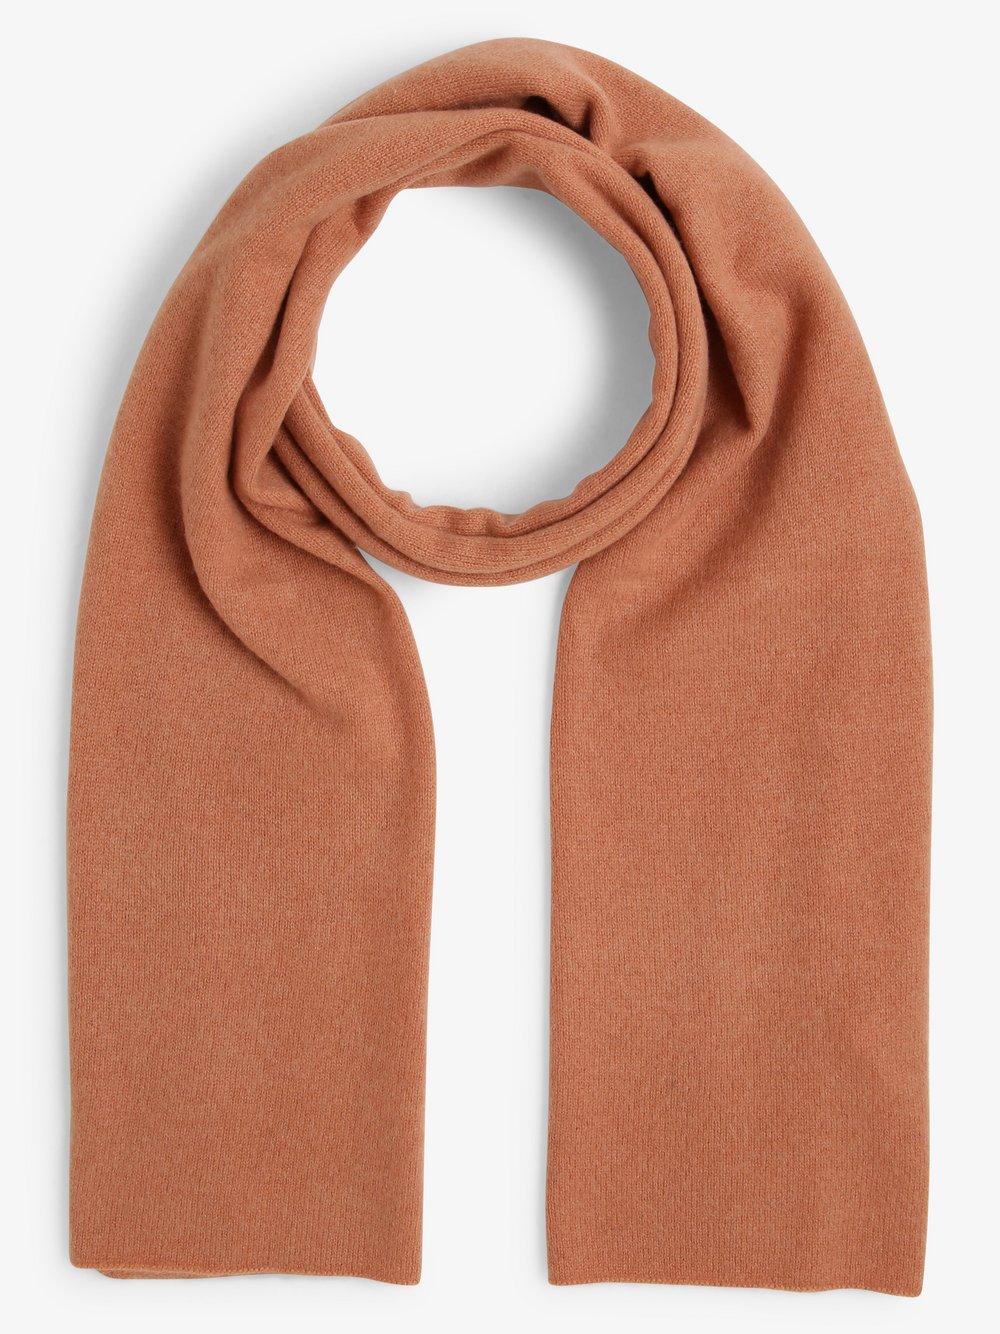 SvB Exquisit - Damski szalik z czystego kaszmiru, pomarańczowy